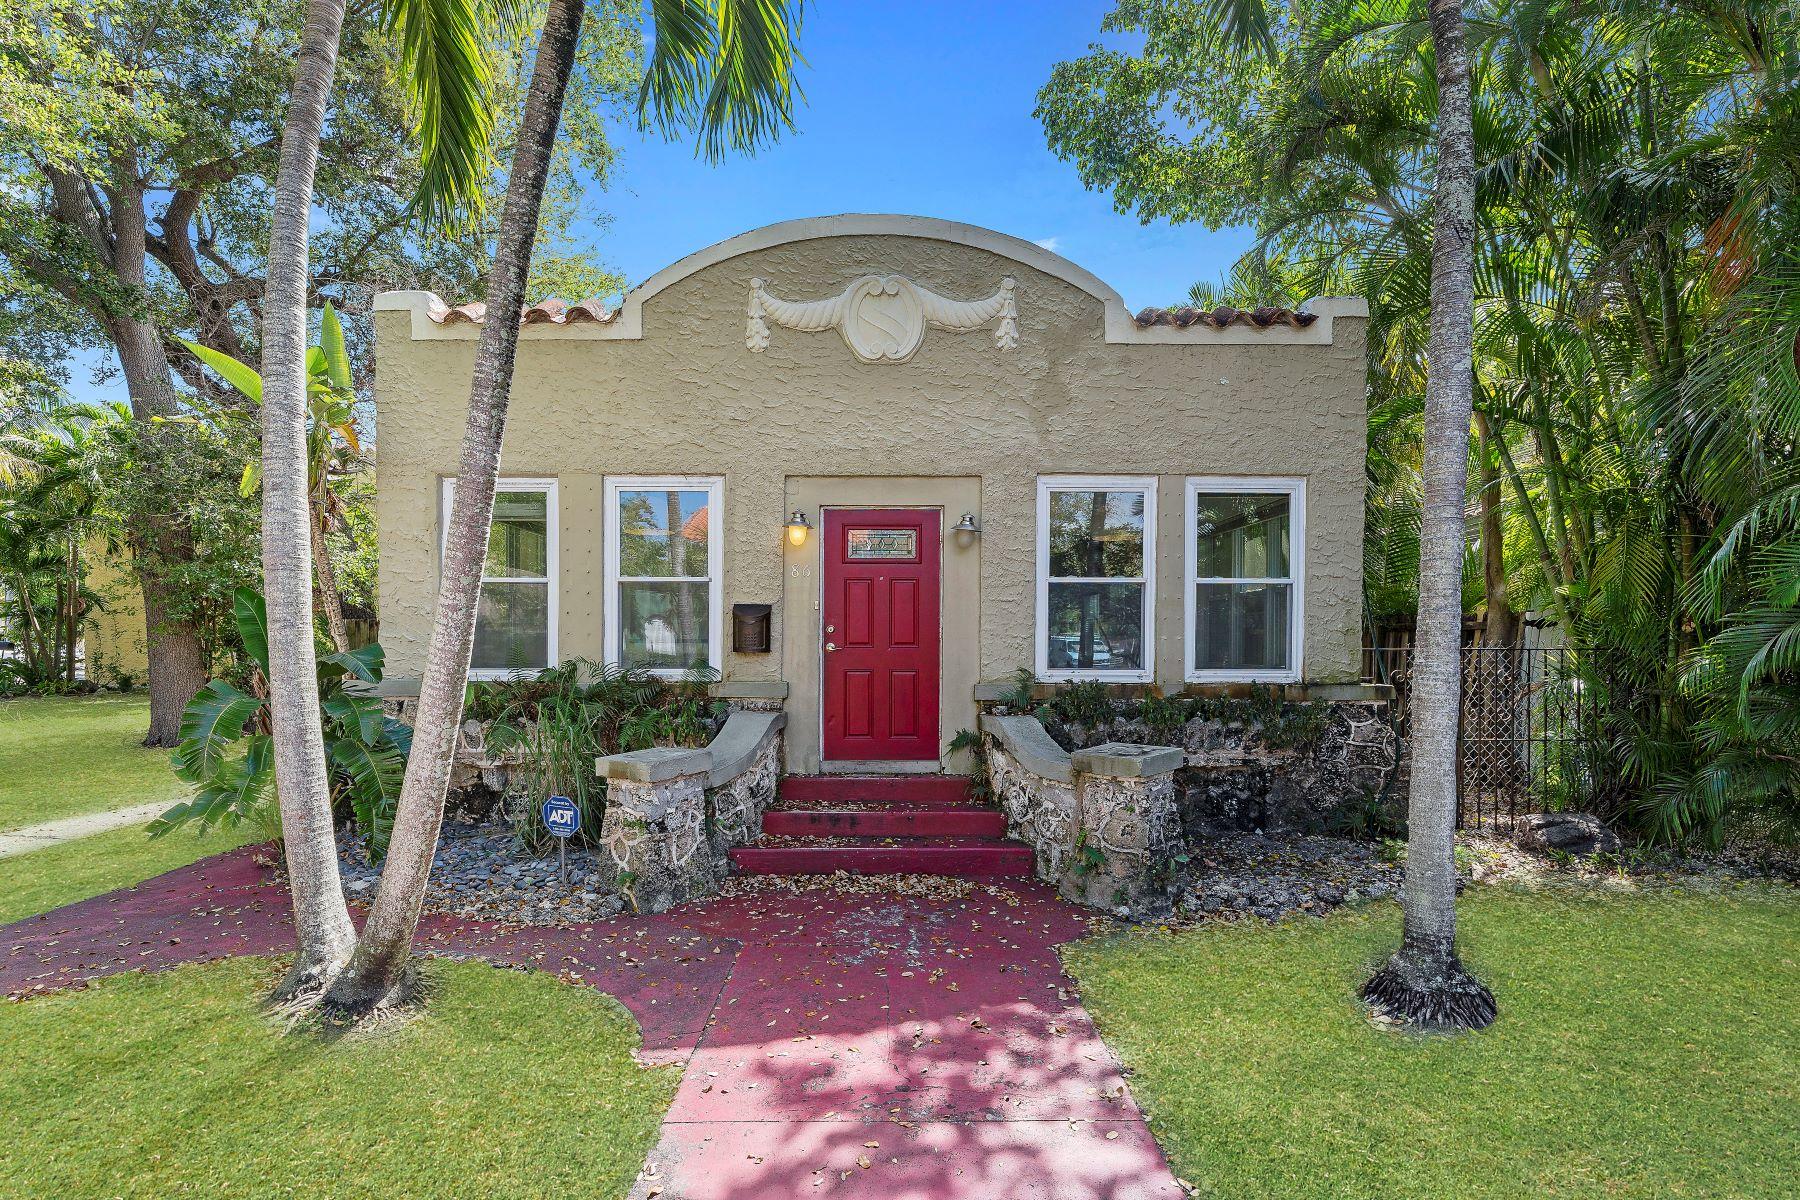 独户住宅 为 销售 在 86 Ne 47th St 迈阿密, 佛罗里达州, 33137 美国